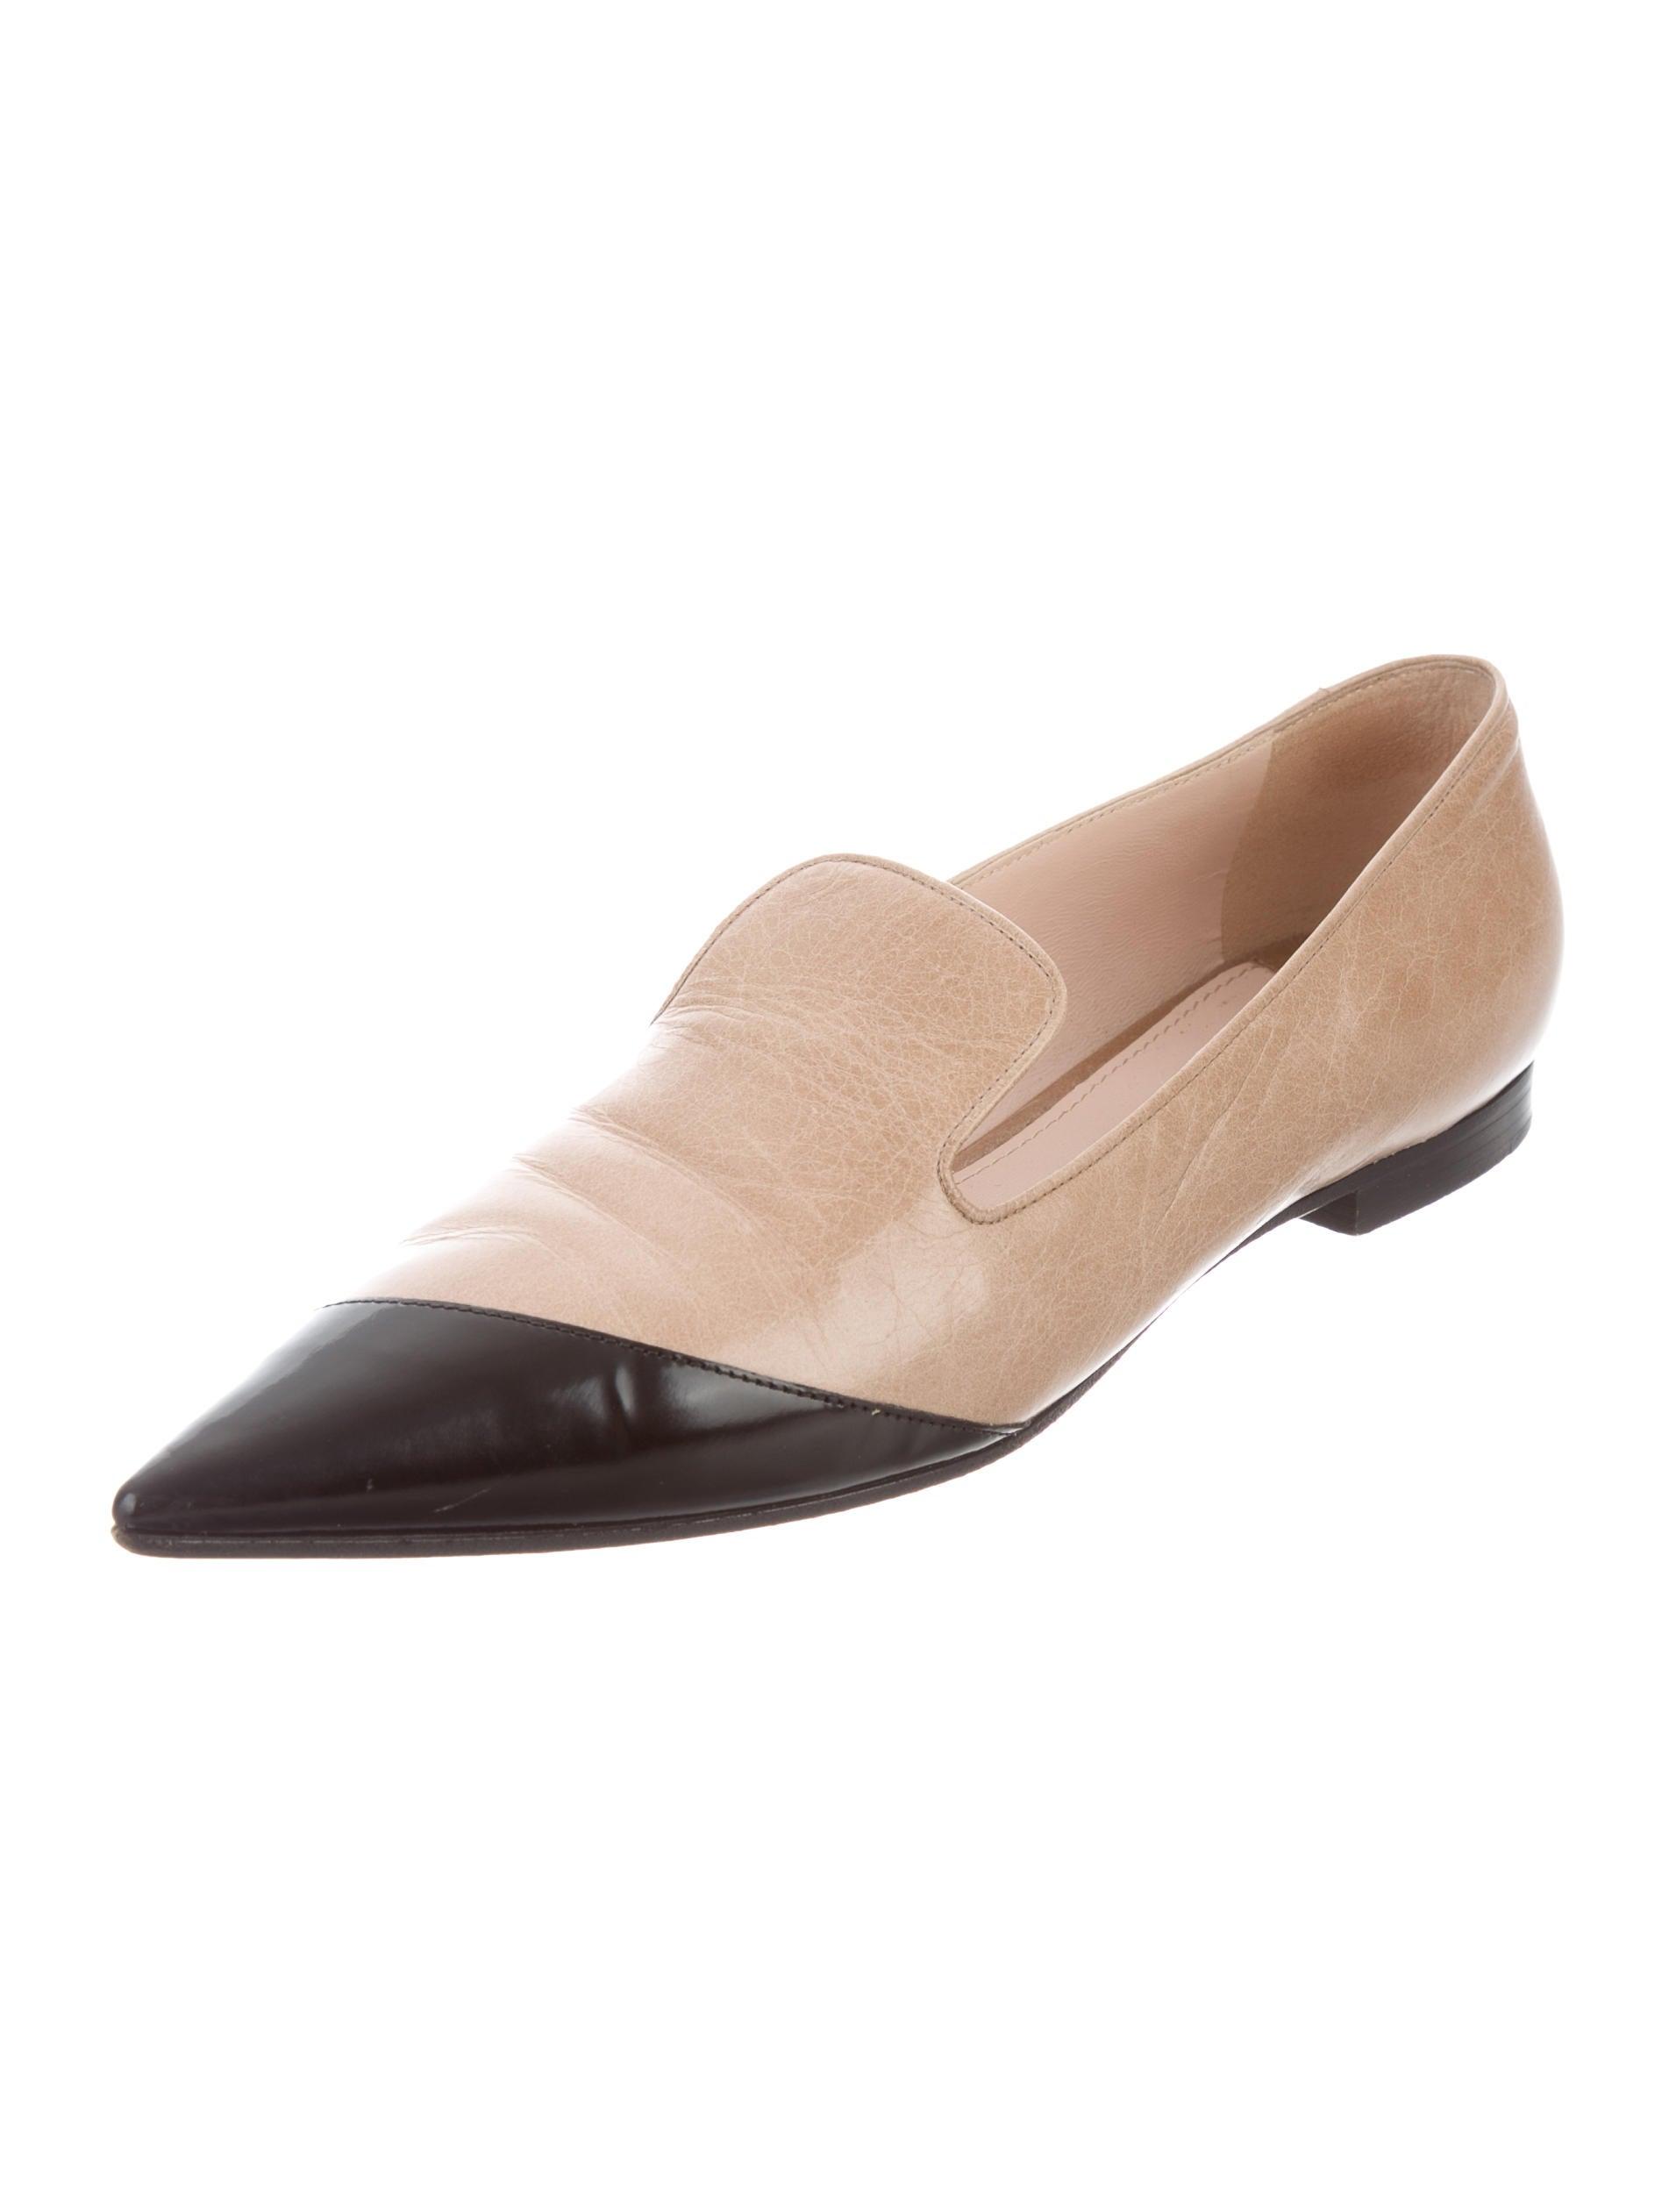 miu miu leather pointed toe flats shoes miu46603 the